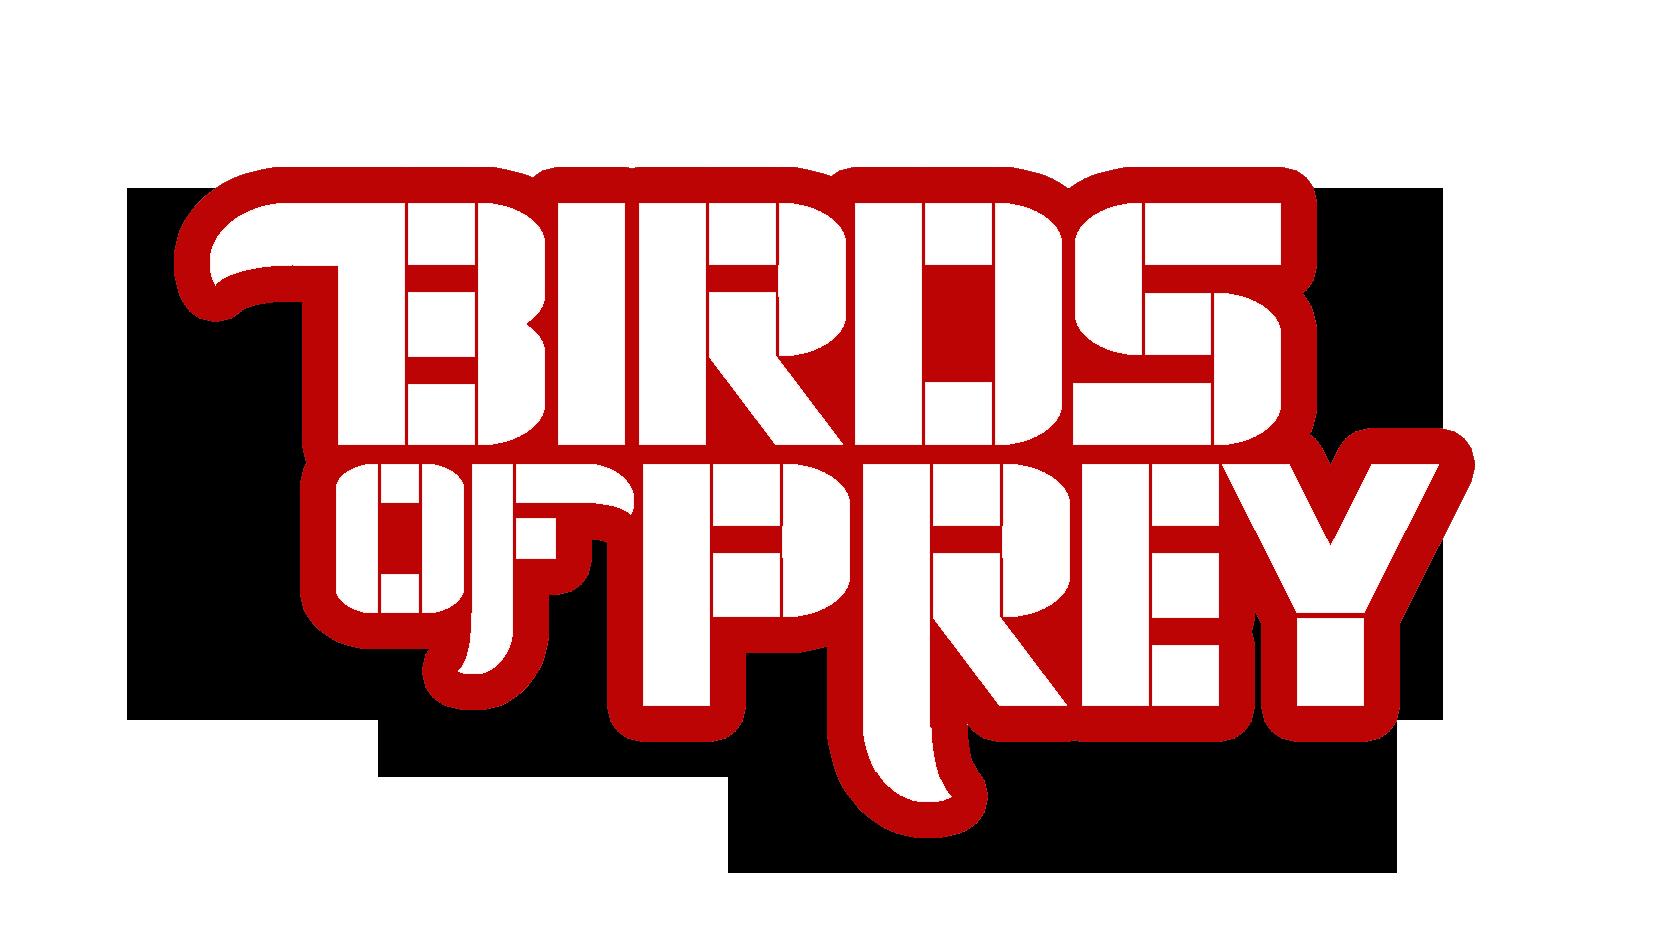 birds_of_prey_logo.png